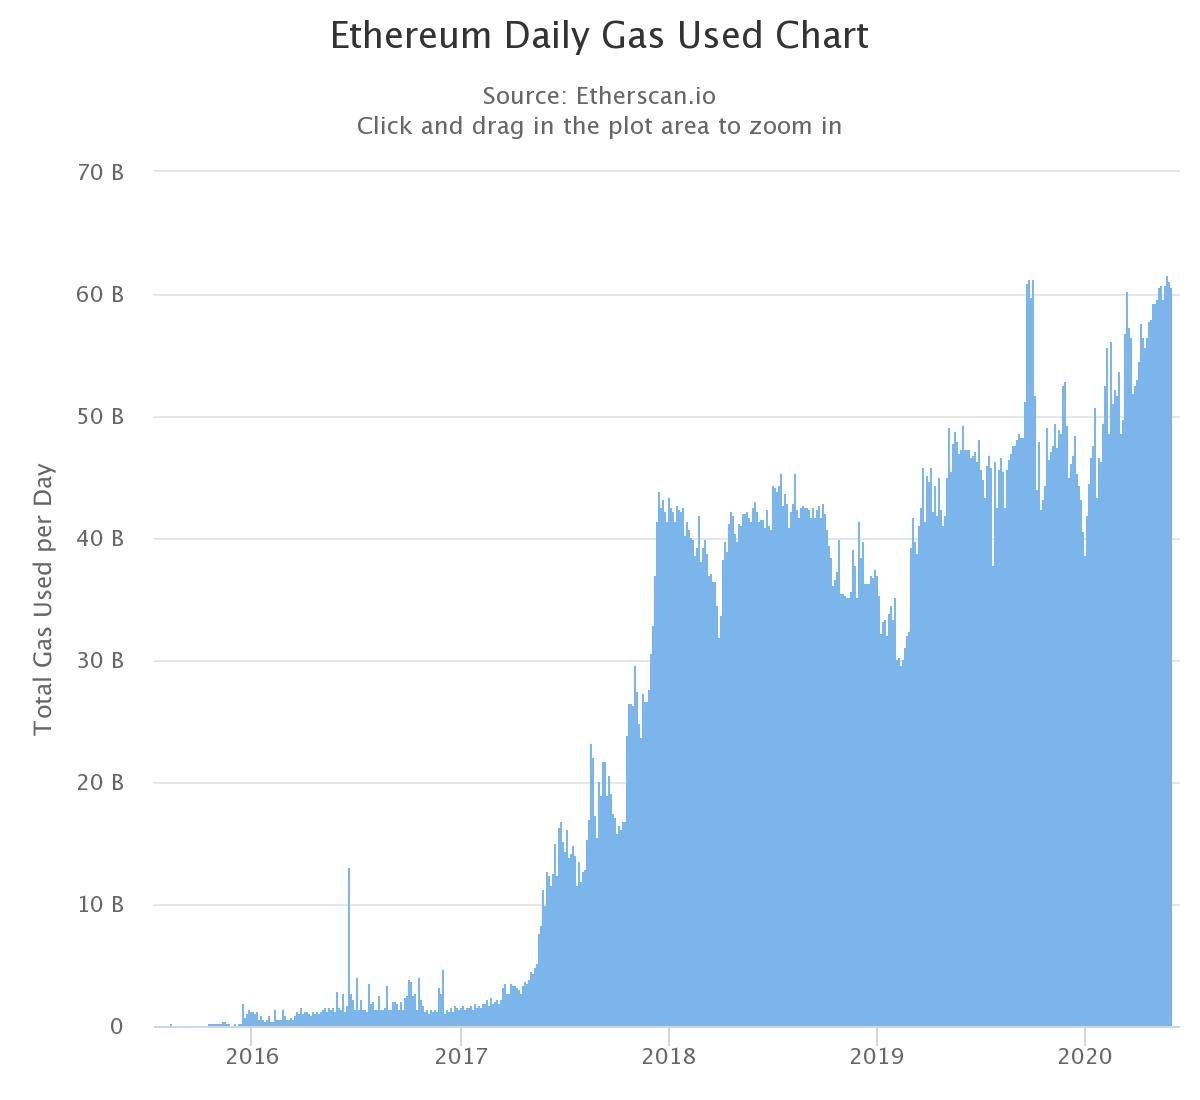 Graphique quotidien de la consommation de gaz à l'Ethereum. L'augmentation de cet indicateur a été considérée comme une indication que l'ETH est sous-évaluée, selon M. Blockfyre. Source : Etherscan